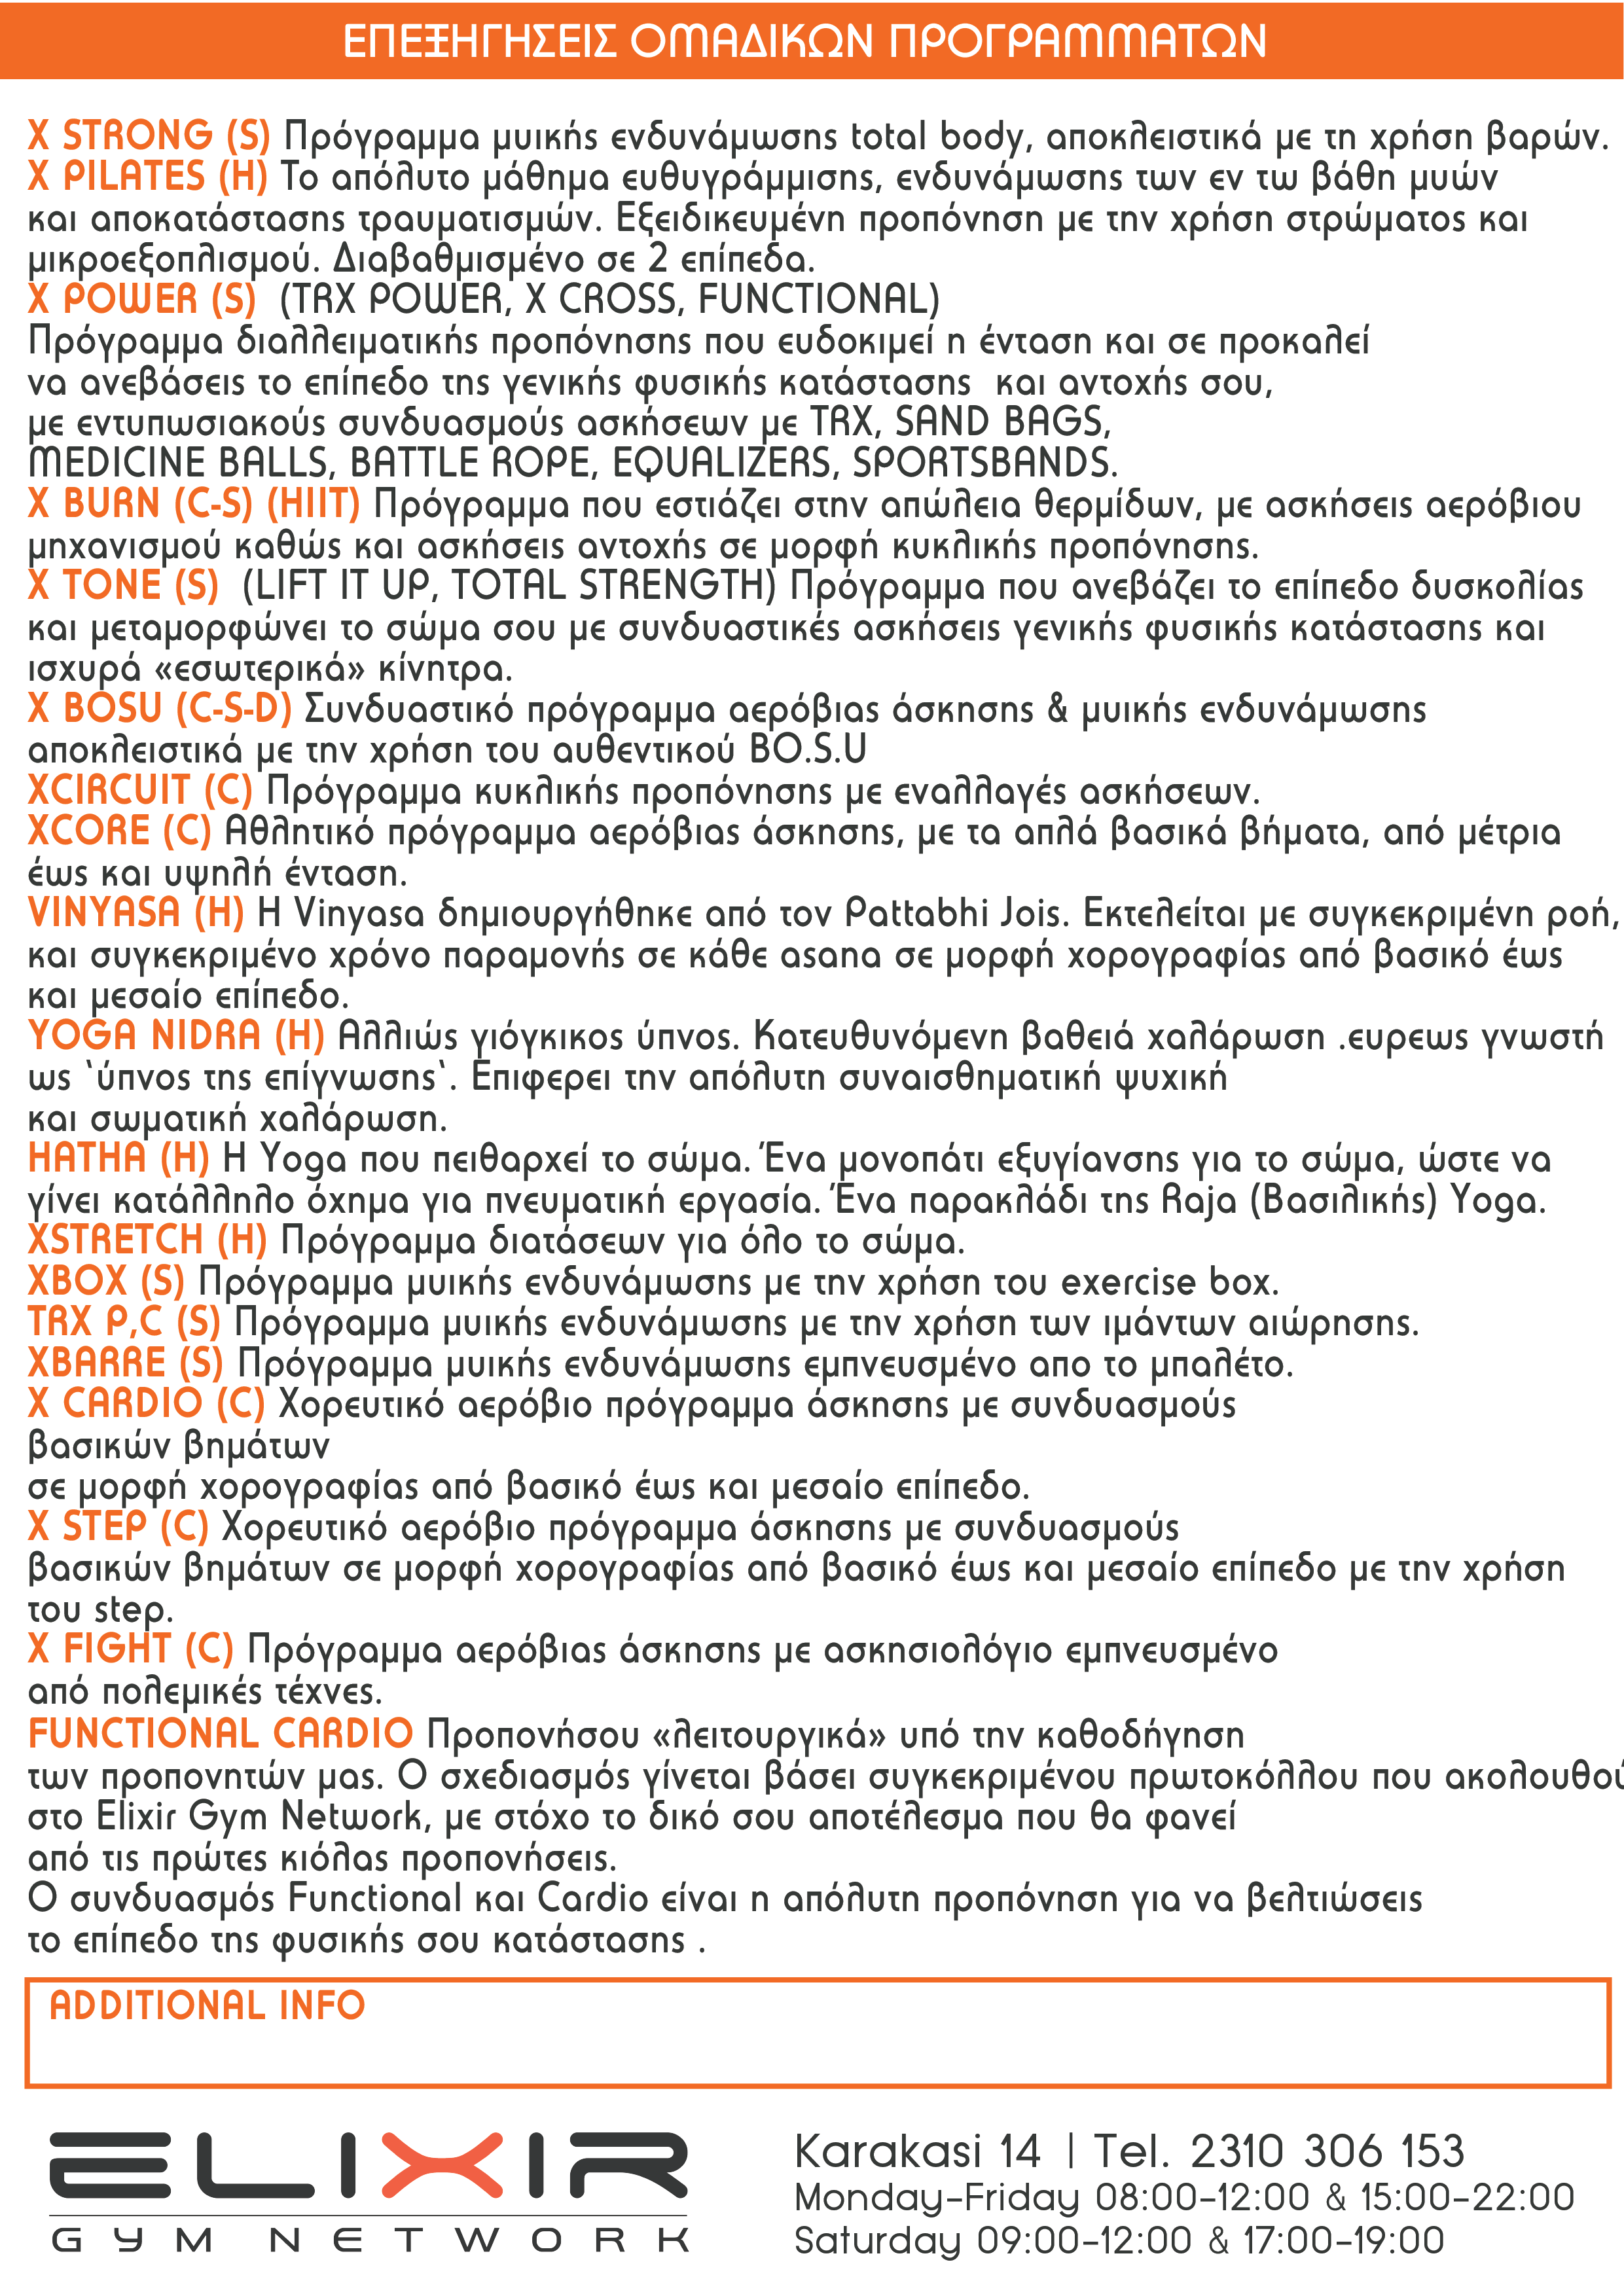 Laskaratou Elixir Team Training Schedule